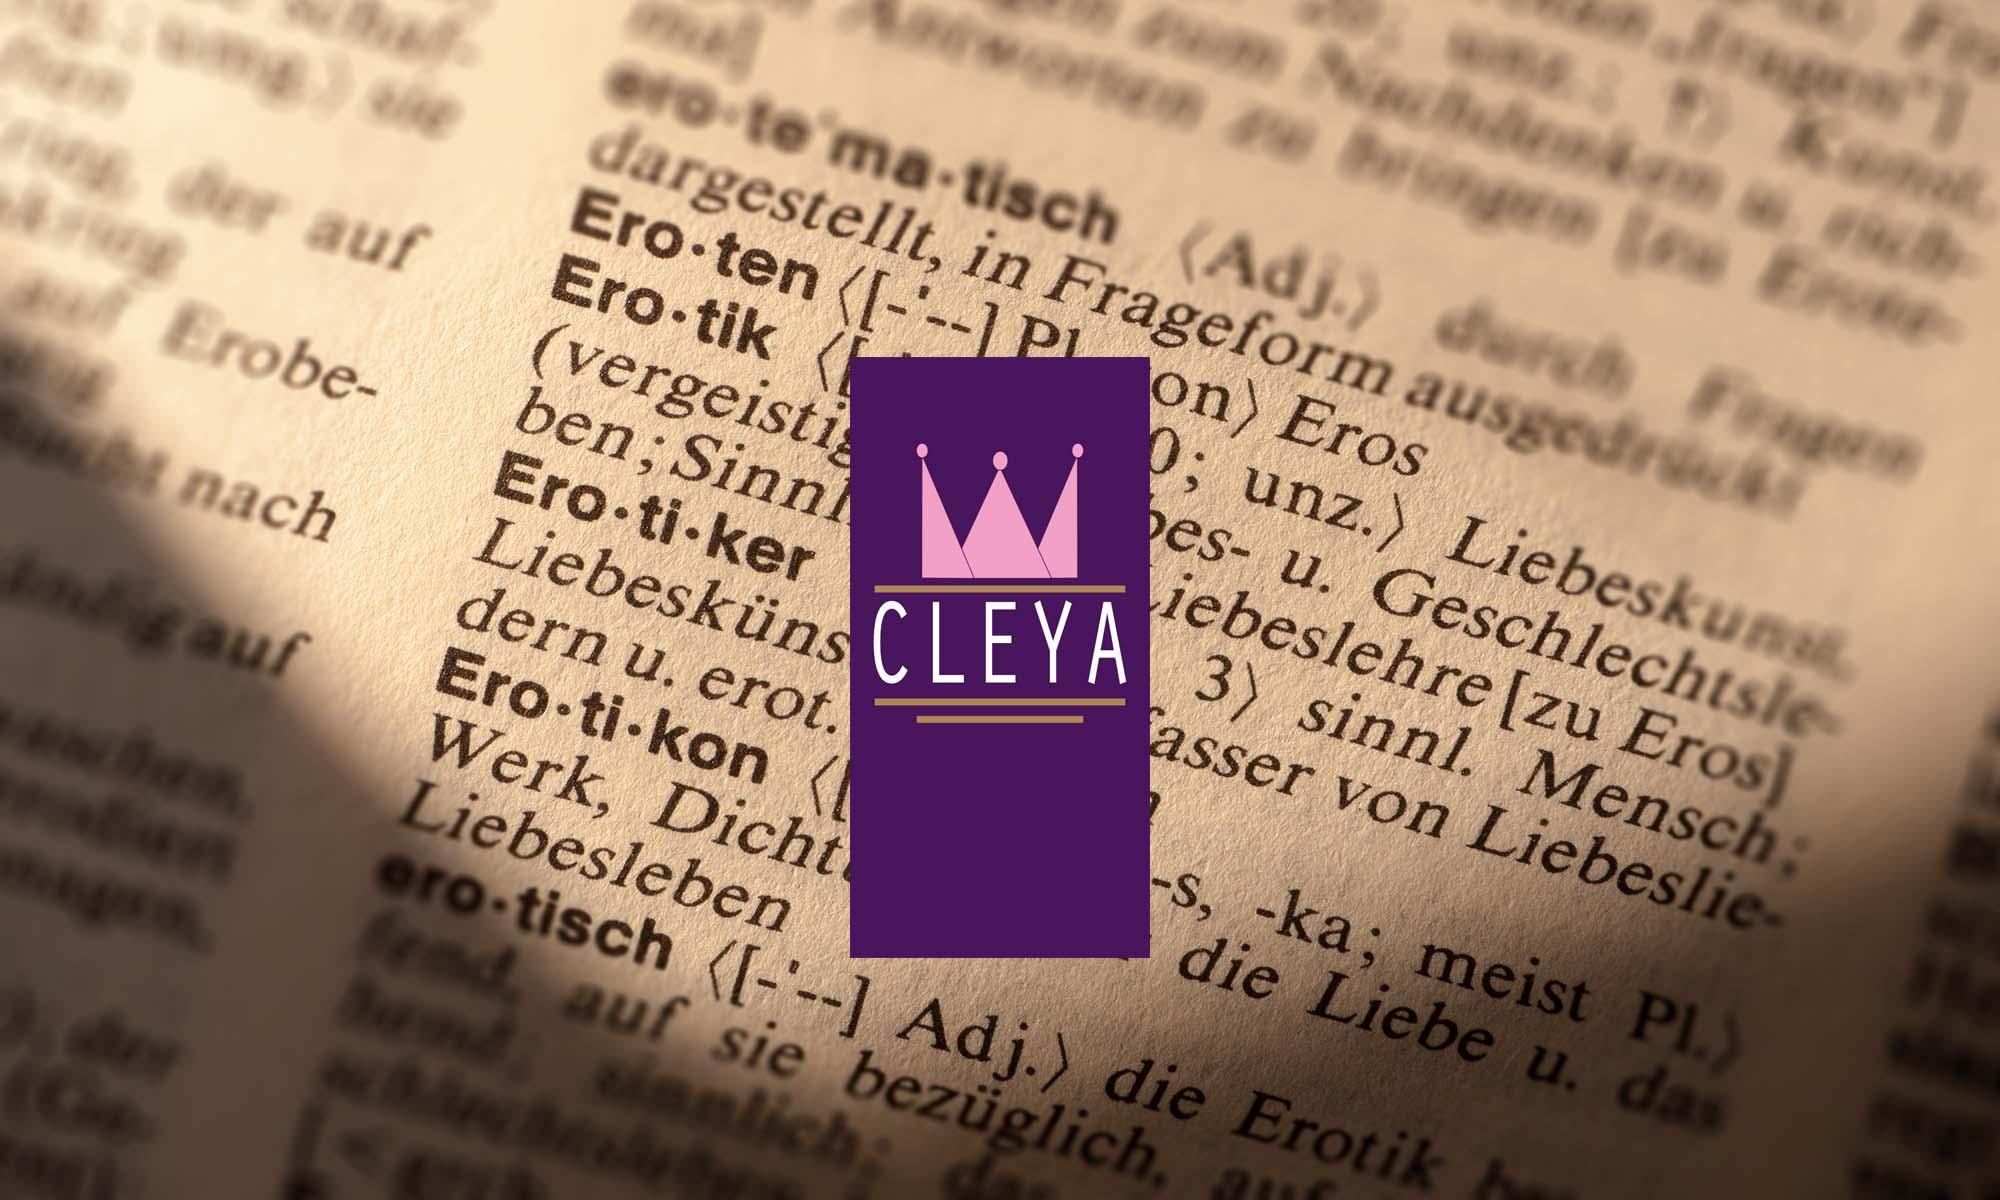 Cleya Verlag